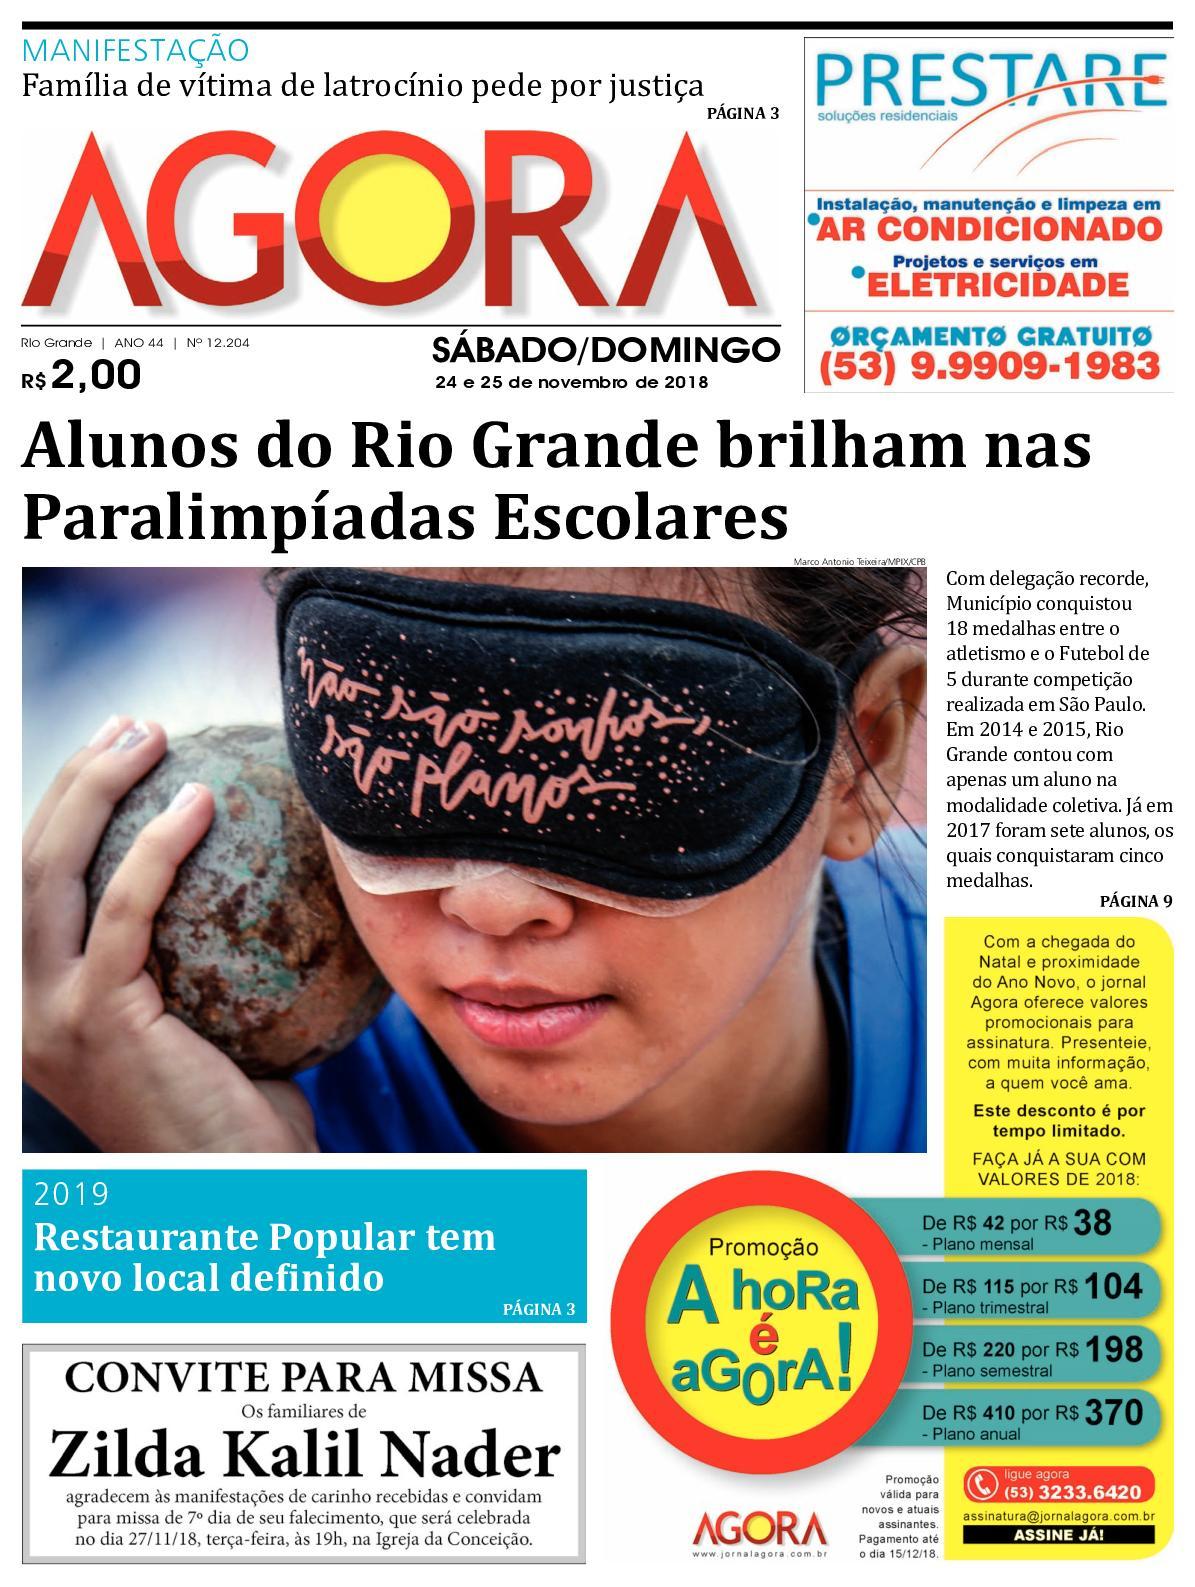 Calaméo - Jornal Agora - Edição 12204 - 24 e 25 de Novembro de 2018 dcd41d9ed0